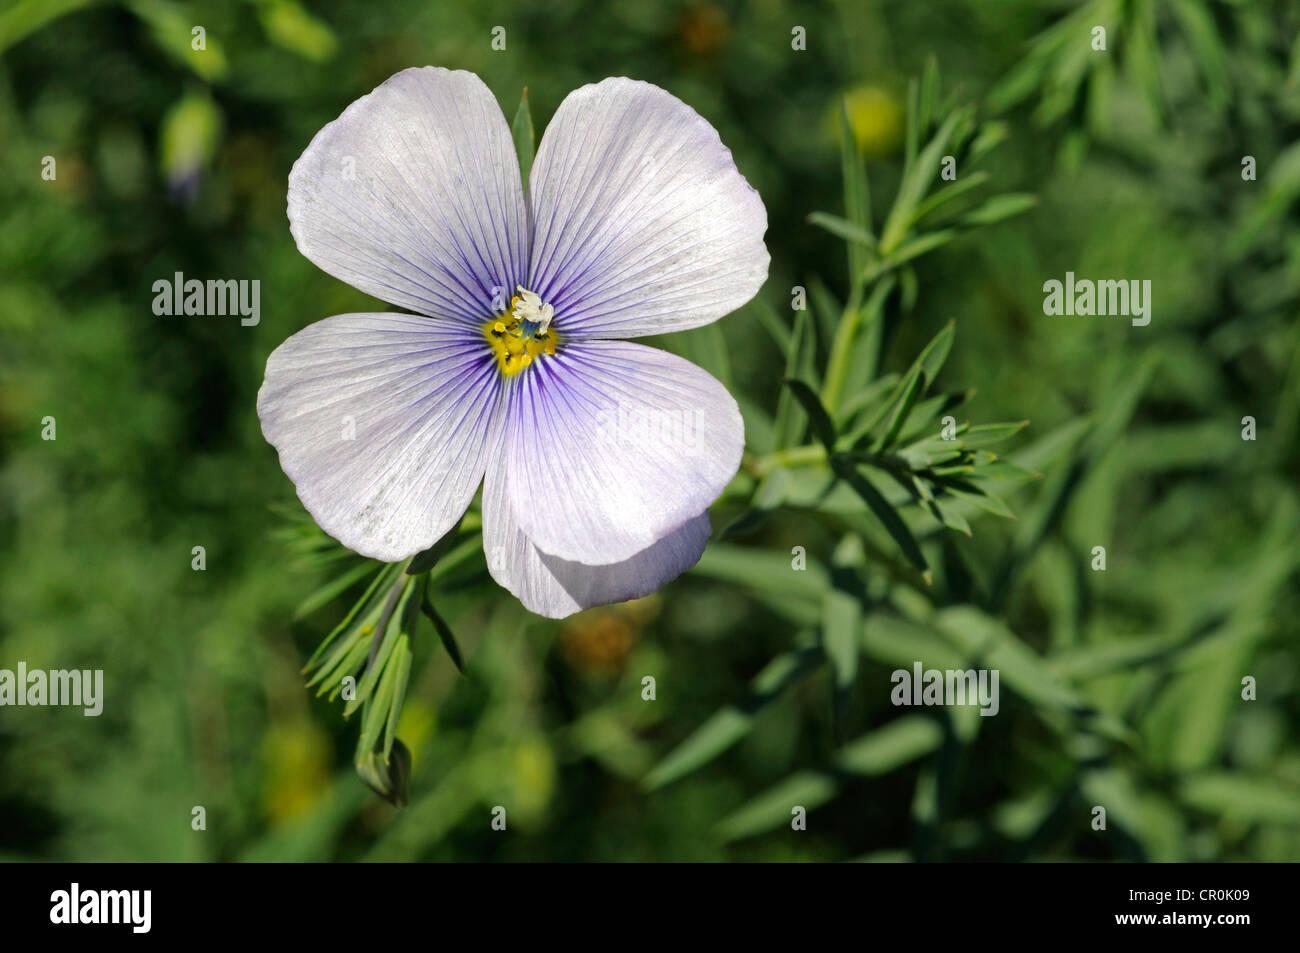 Austrian Flax (Linum austriacum), Mediterranean - Stock Image